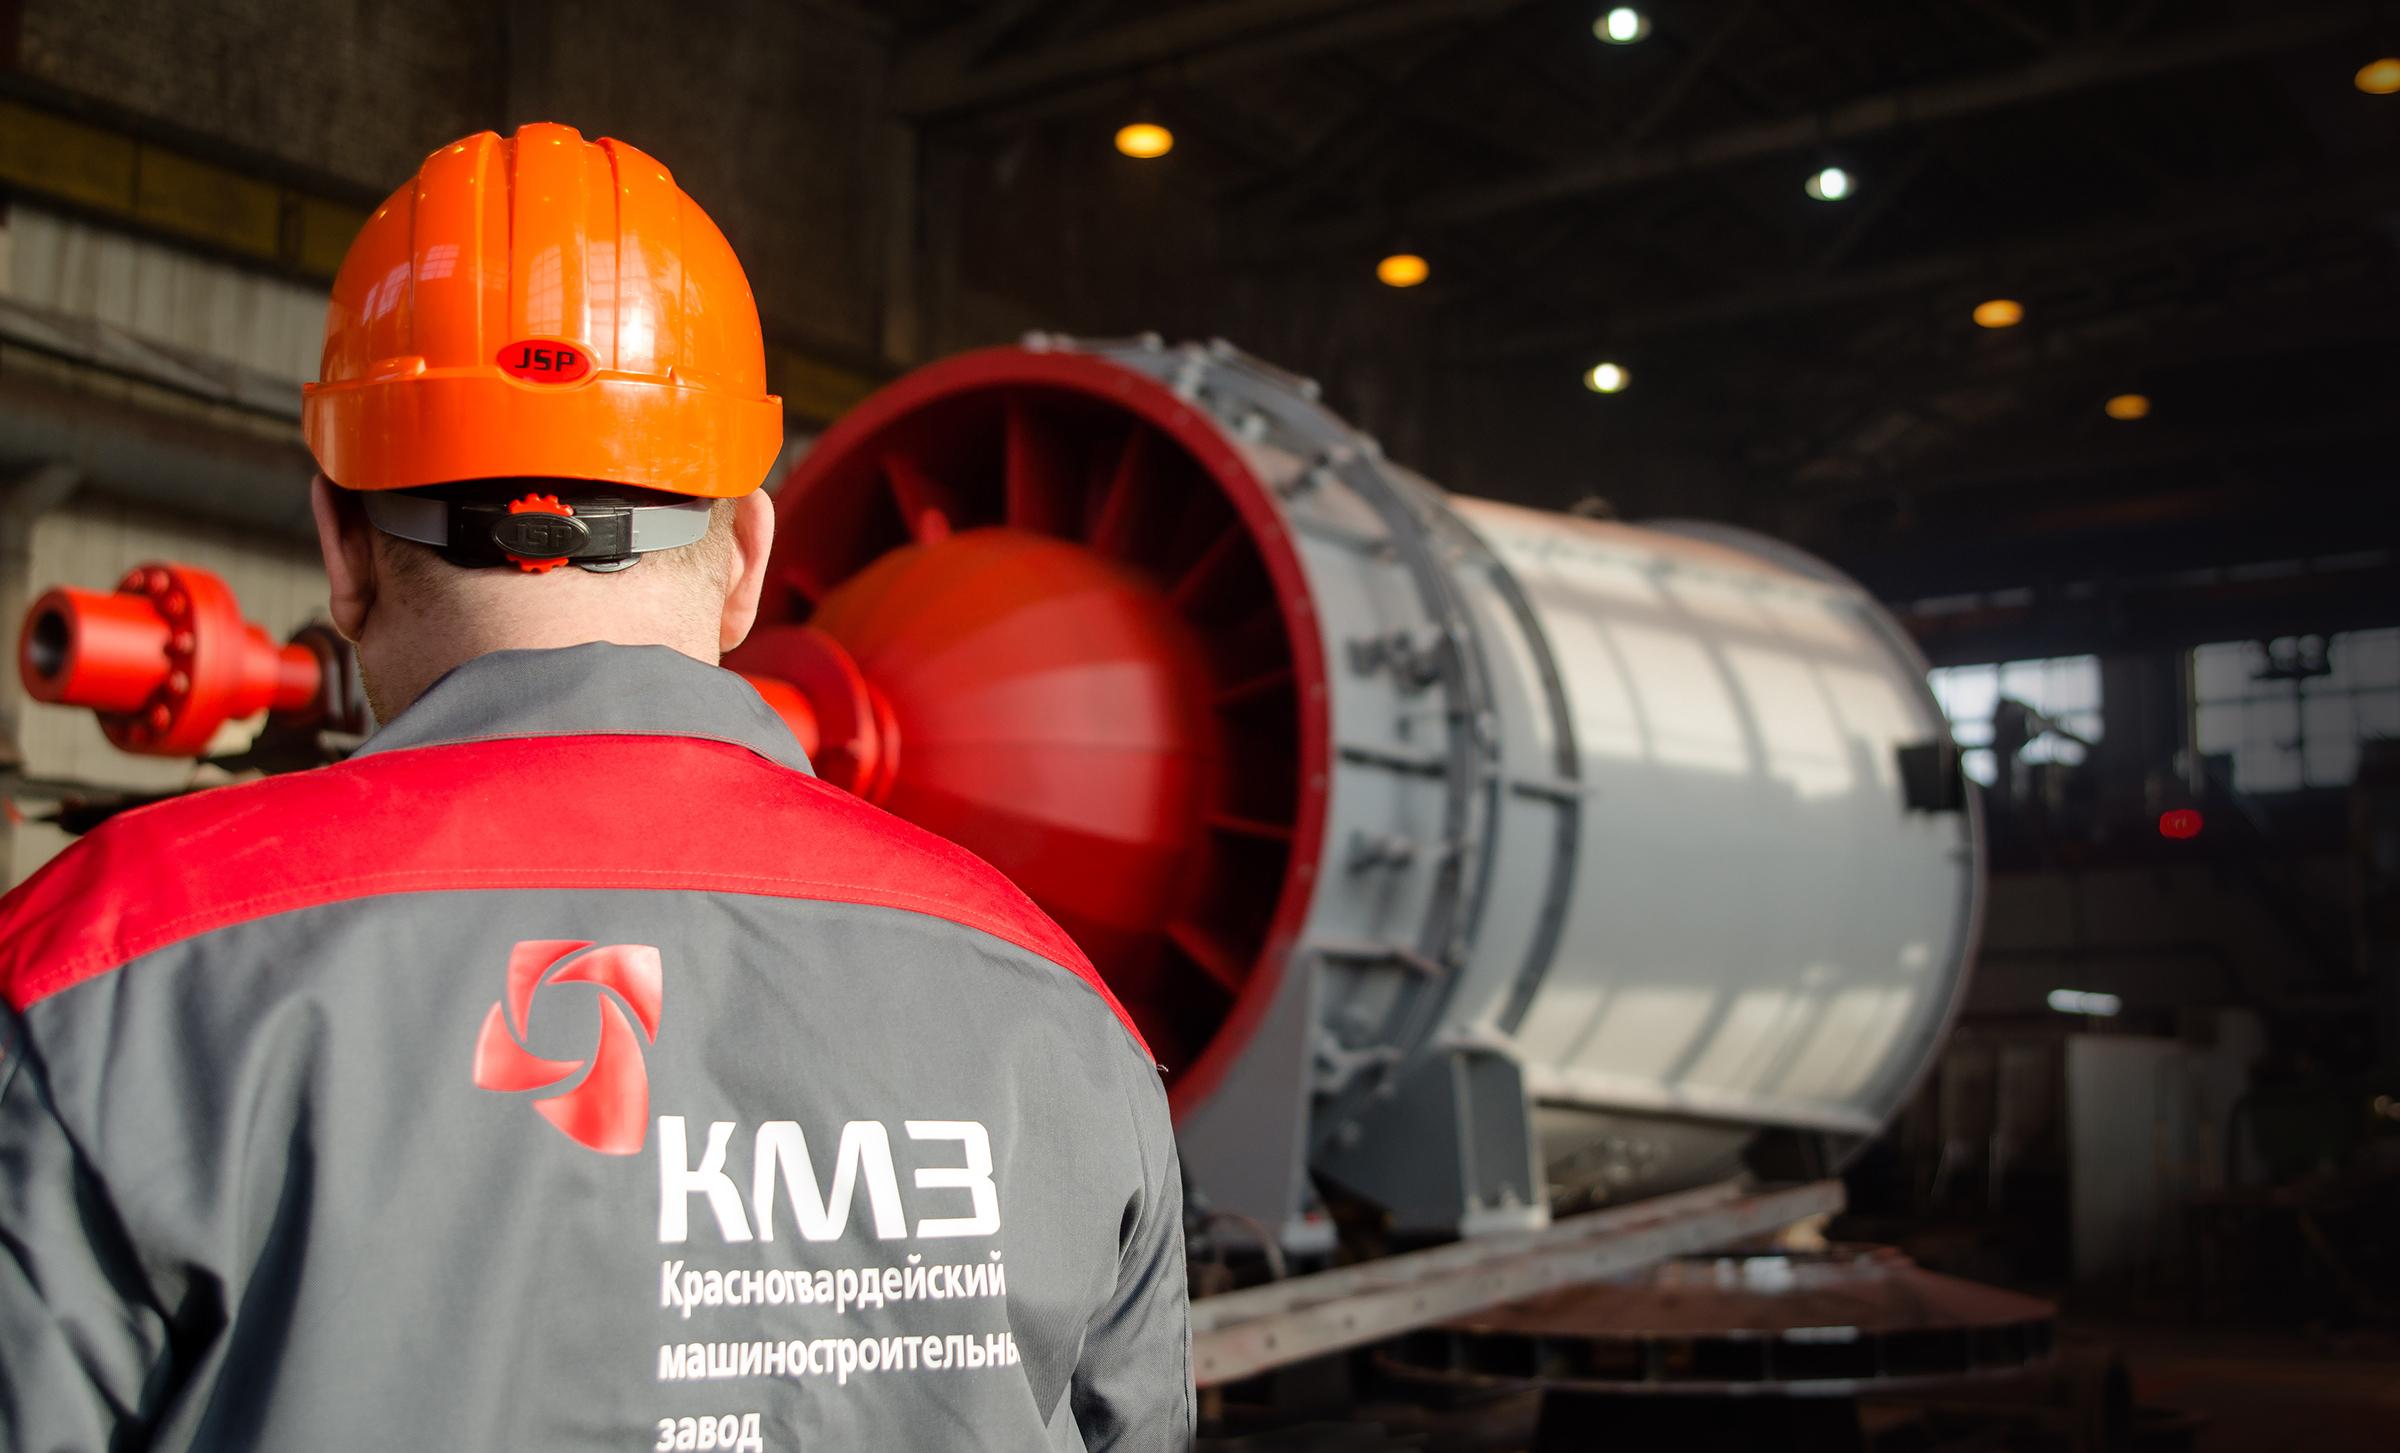 Фотосъемка завода и процесса работы Екатеринбург